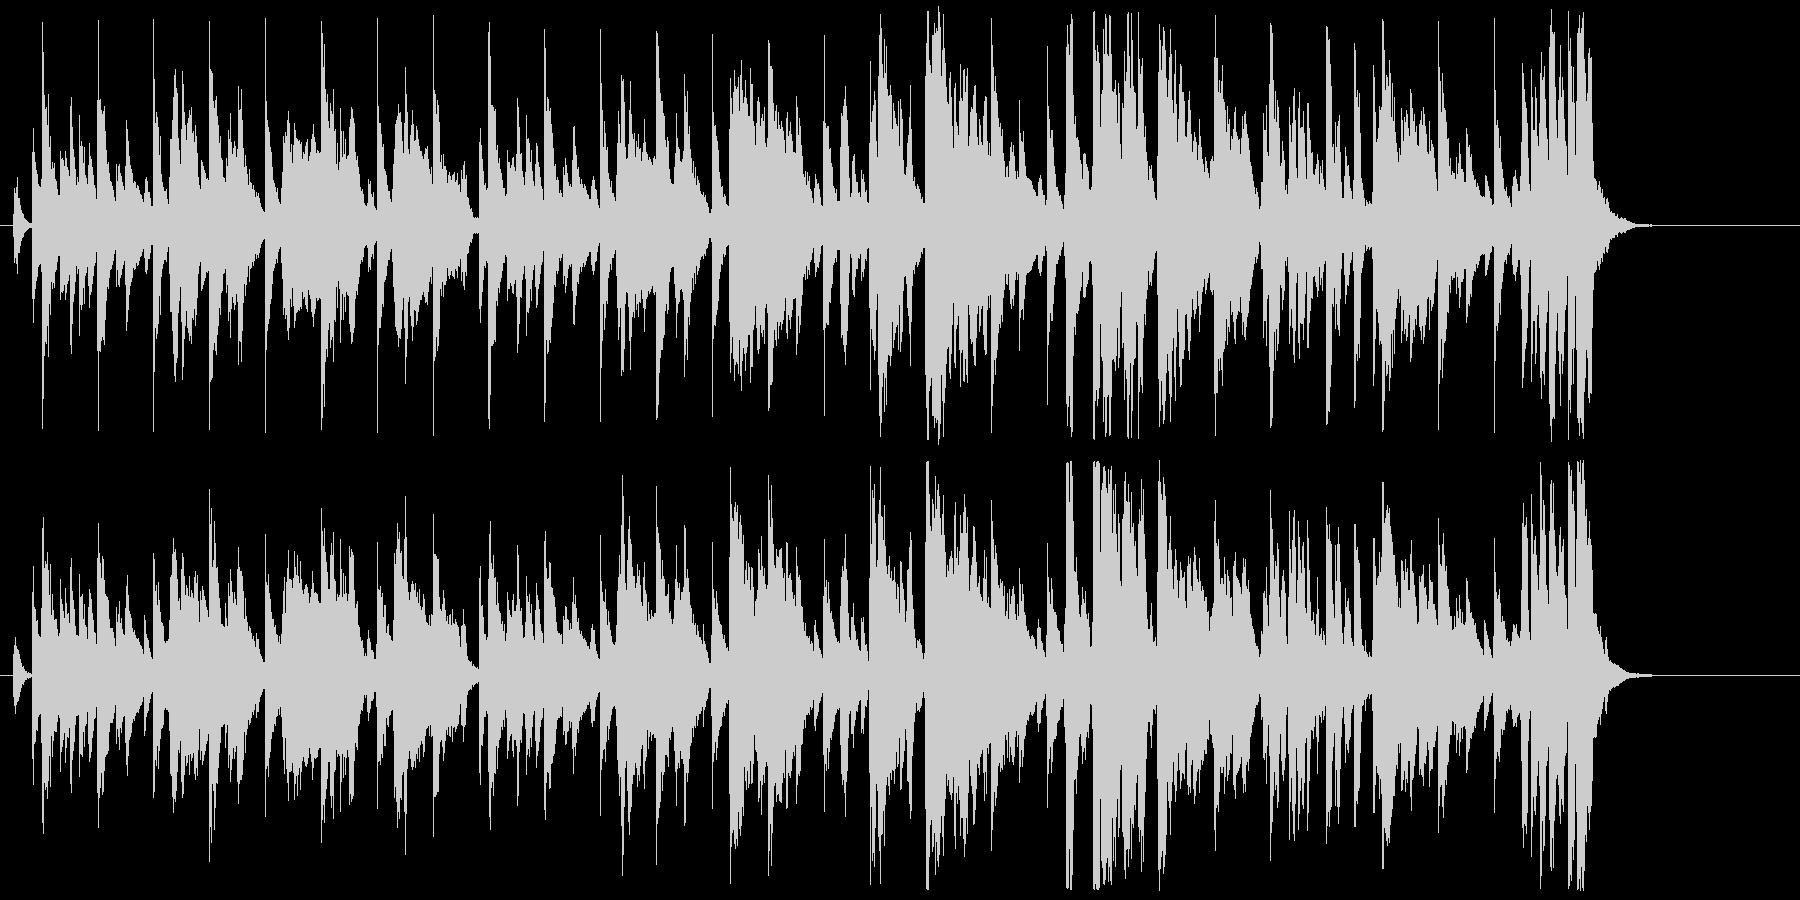 怪しげながらも少しマヌケなBGM(EP)の未再生の波形